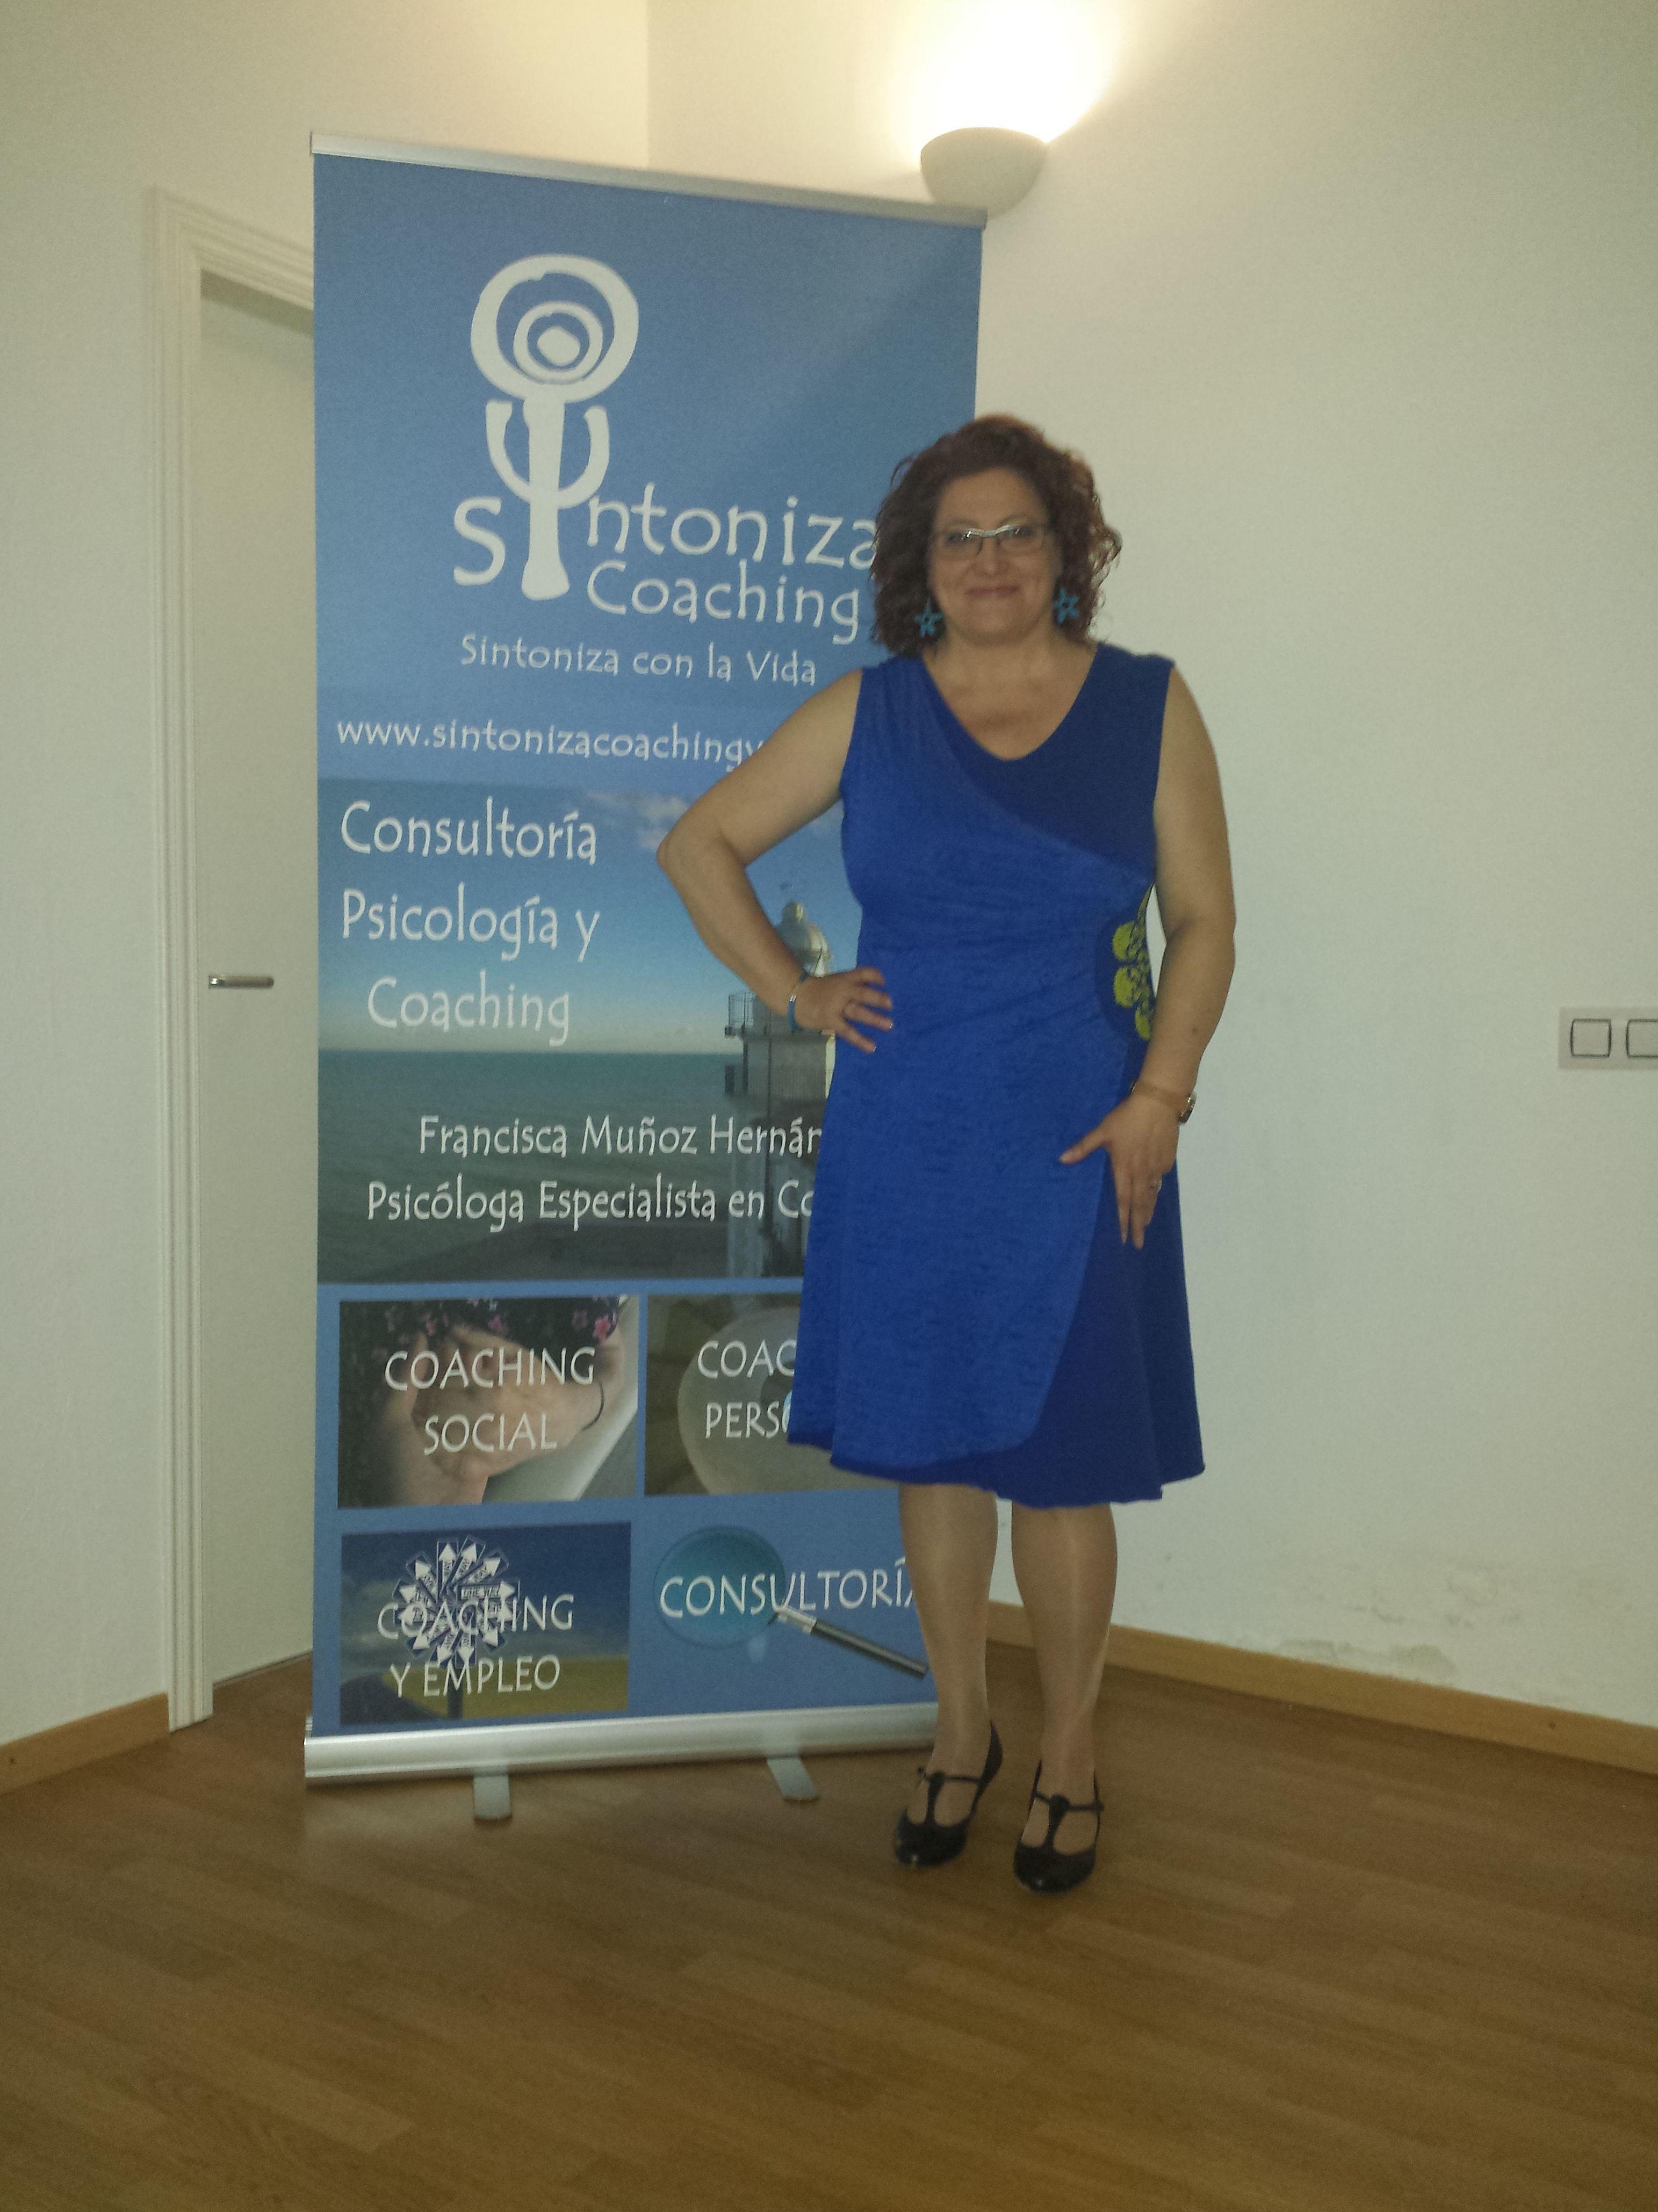 Francisca Muñoz Hernández, Psicólog Especialista en Coaching en Sintoniza Coaching, Valencia